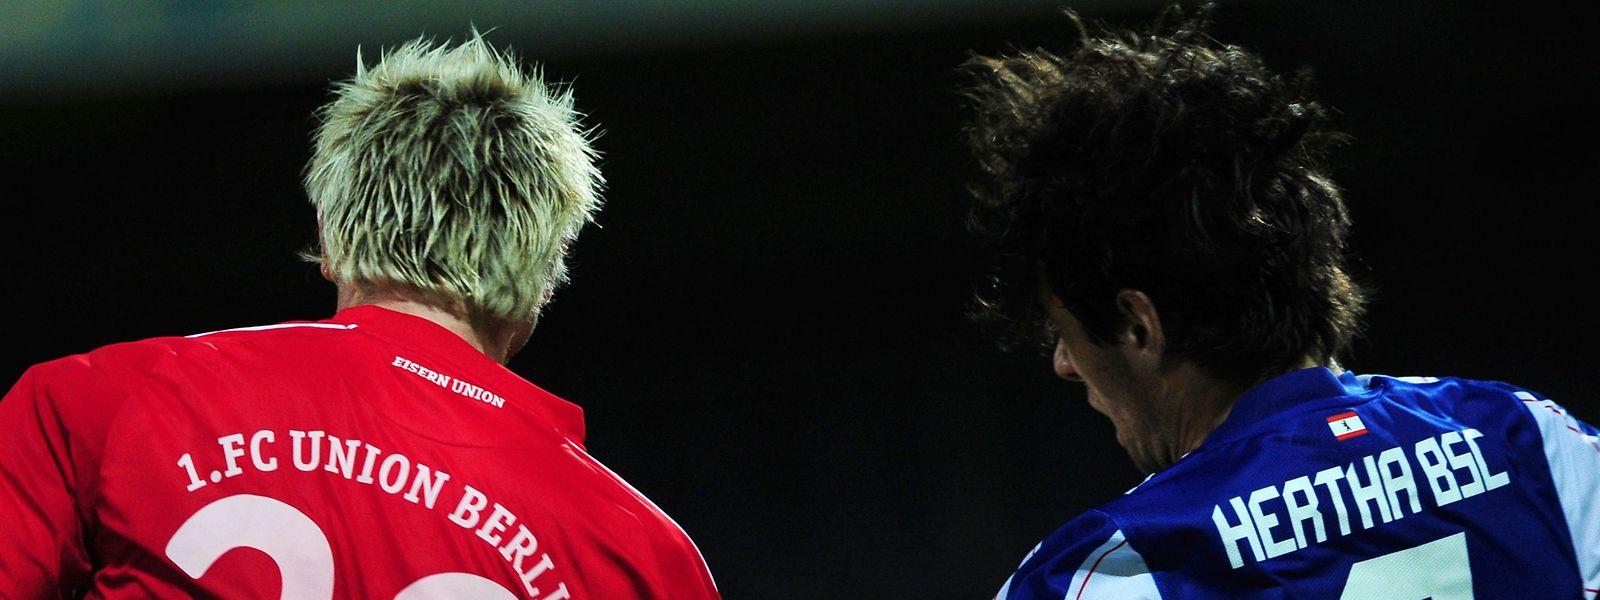 Après une première rencontre historique en 1990, l'Union et le Hertha Berlin se sont affrontés quatre fois, en deuxième division en 2010-2011 et 2012-2013